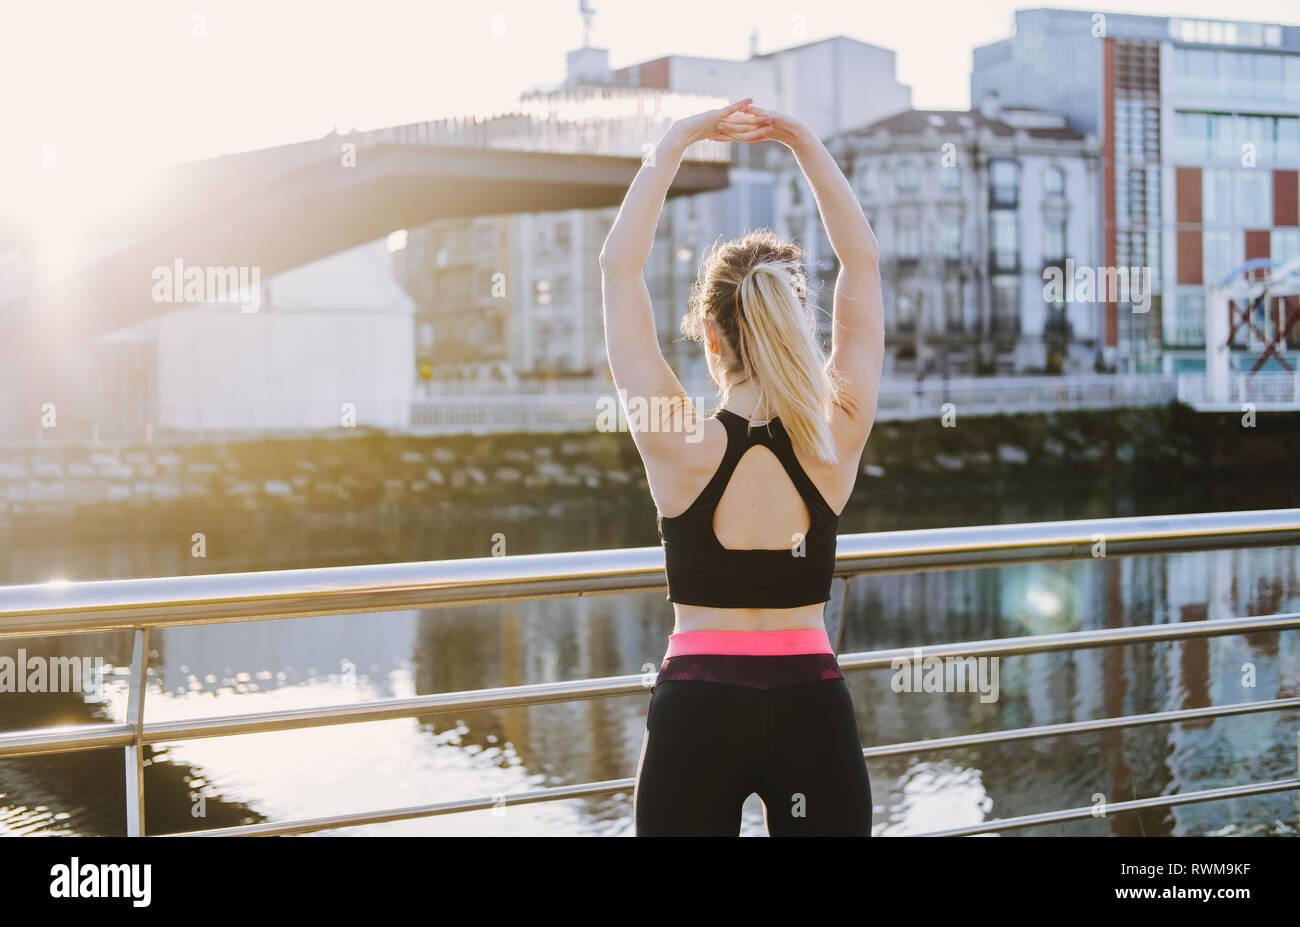 Rückansicht der jungen Dame in Sportswear stretching Hände am Kai in der Nähe von Wasser in der Stadt an einem sonnigen Tag Stockbild